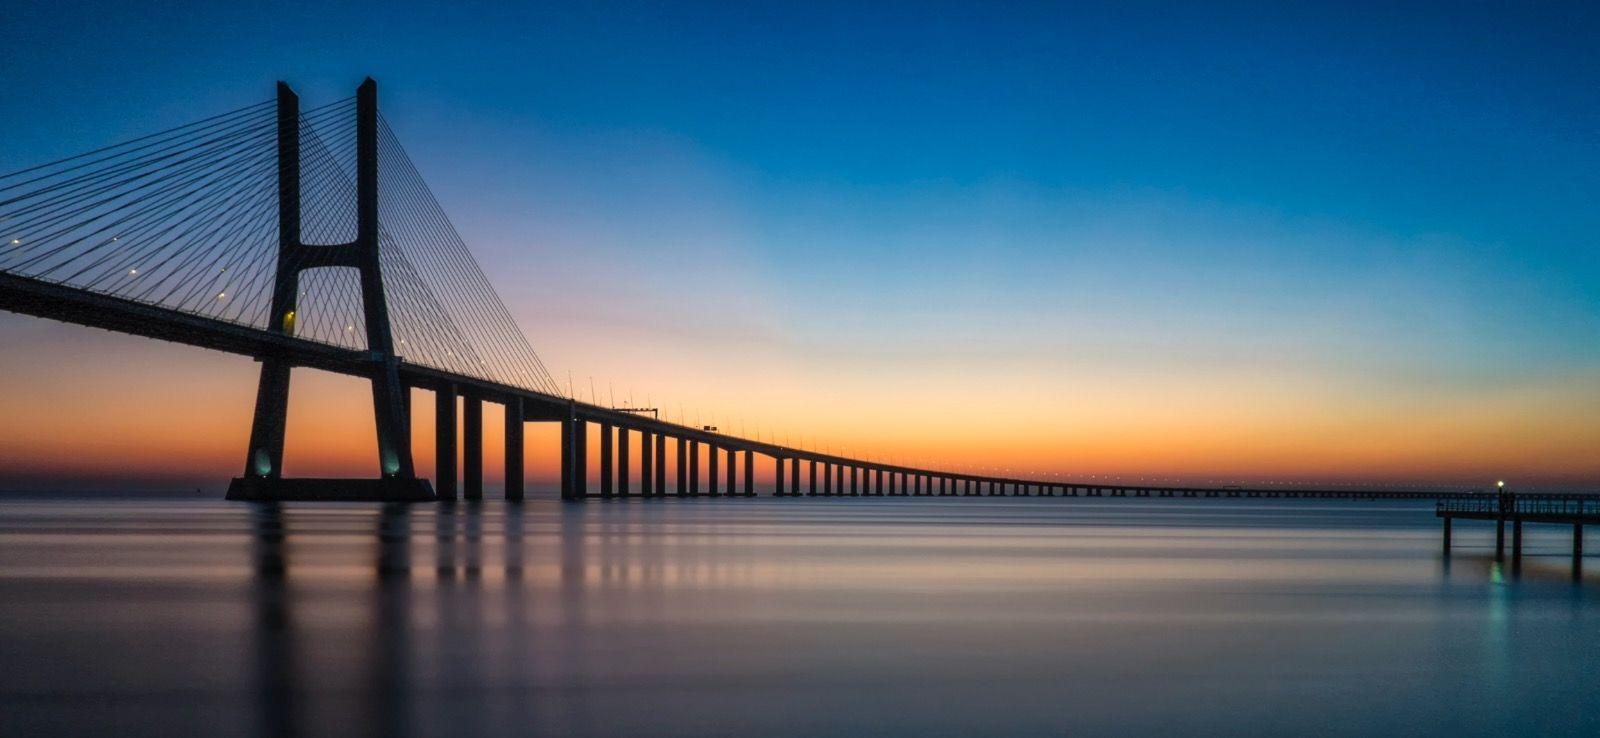 Vasco Da Gamma Bridge